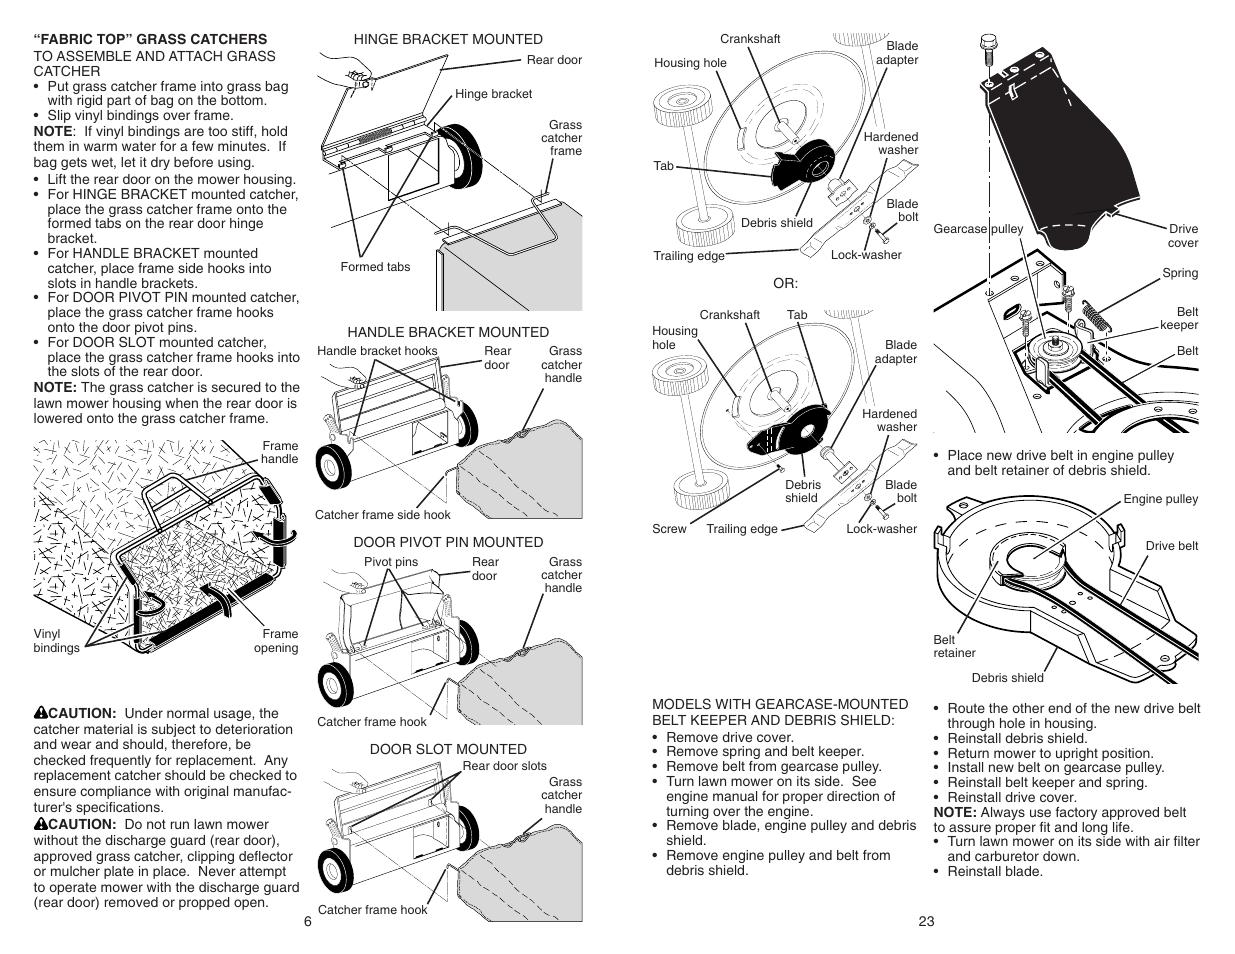 poulan pro pr625y22rkp lawn mower user manual